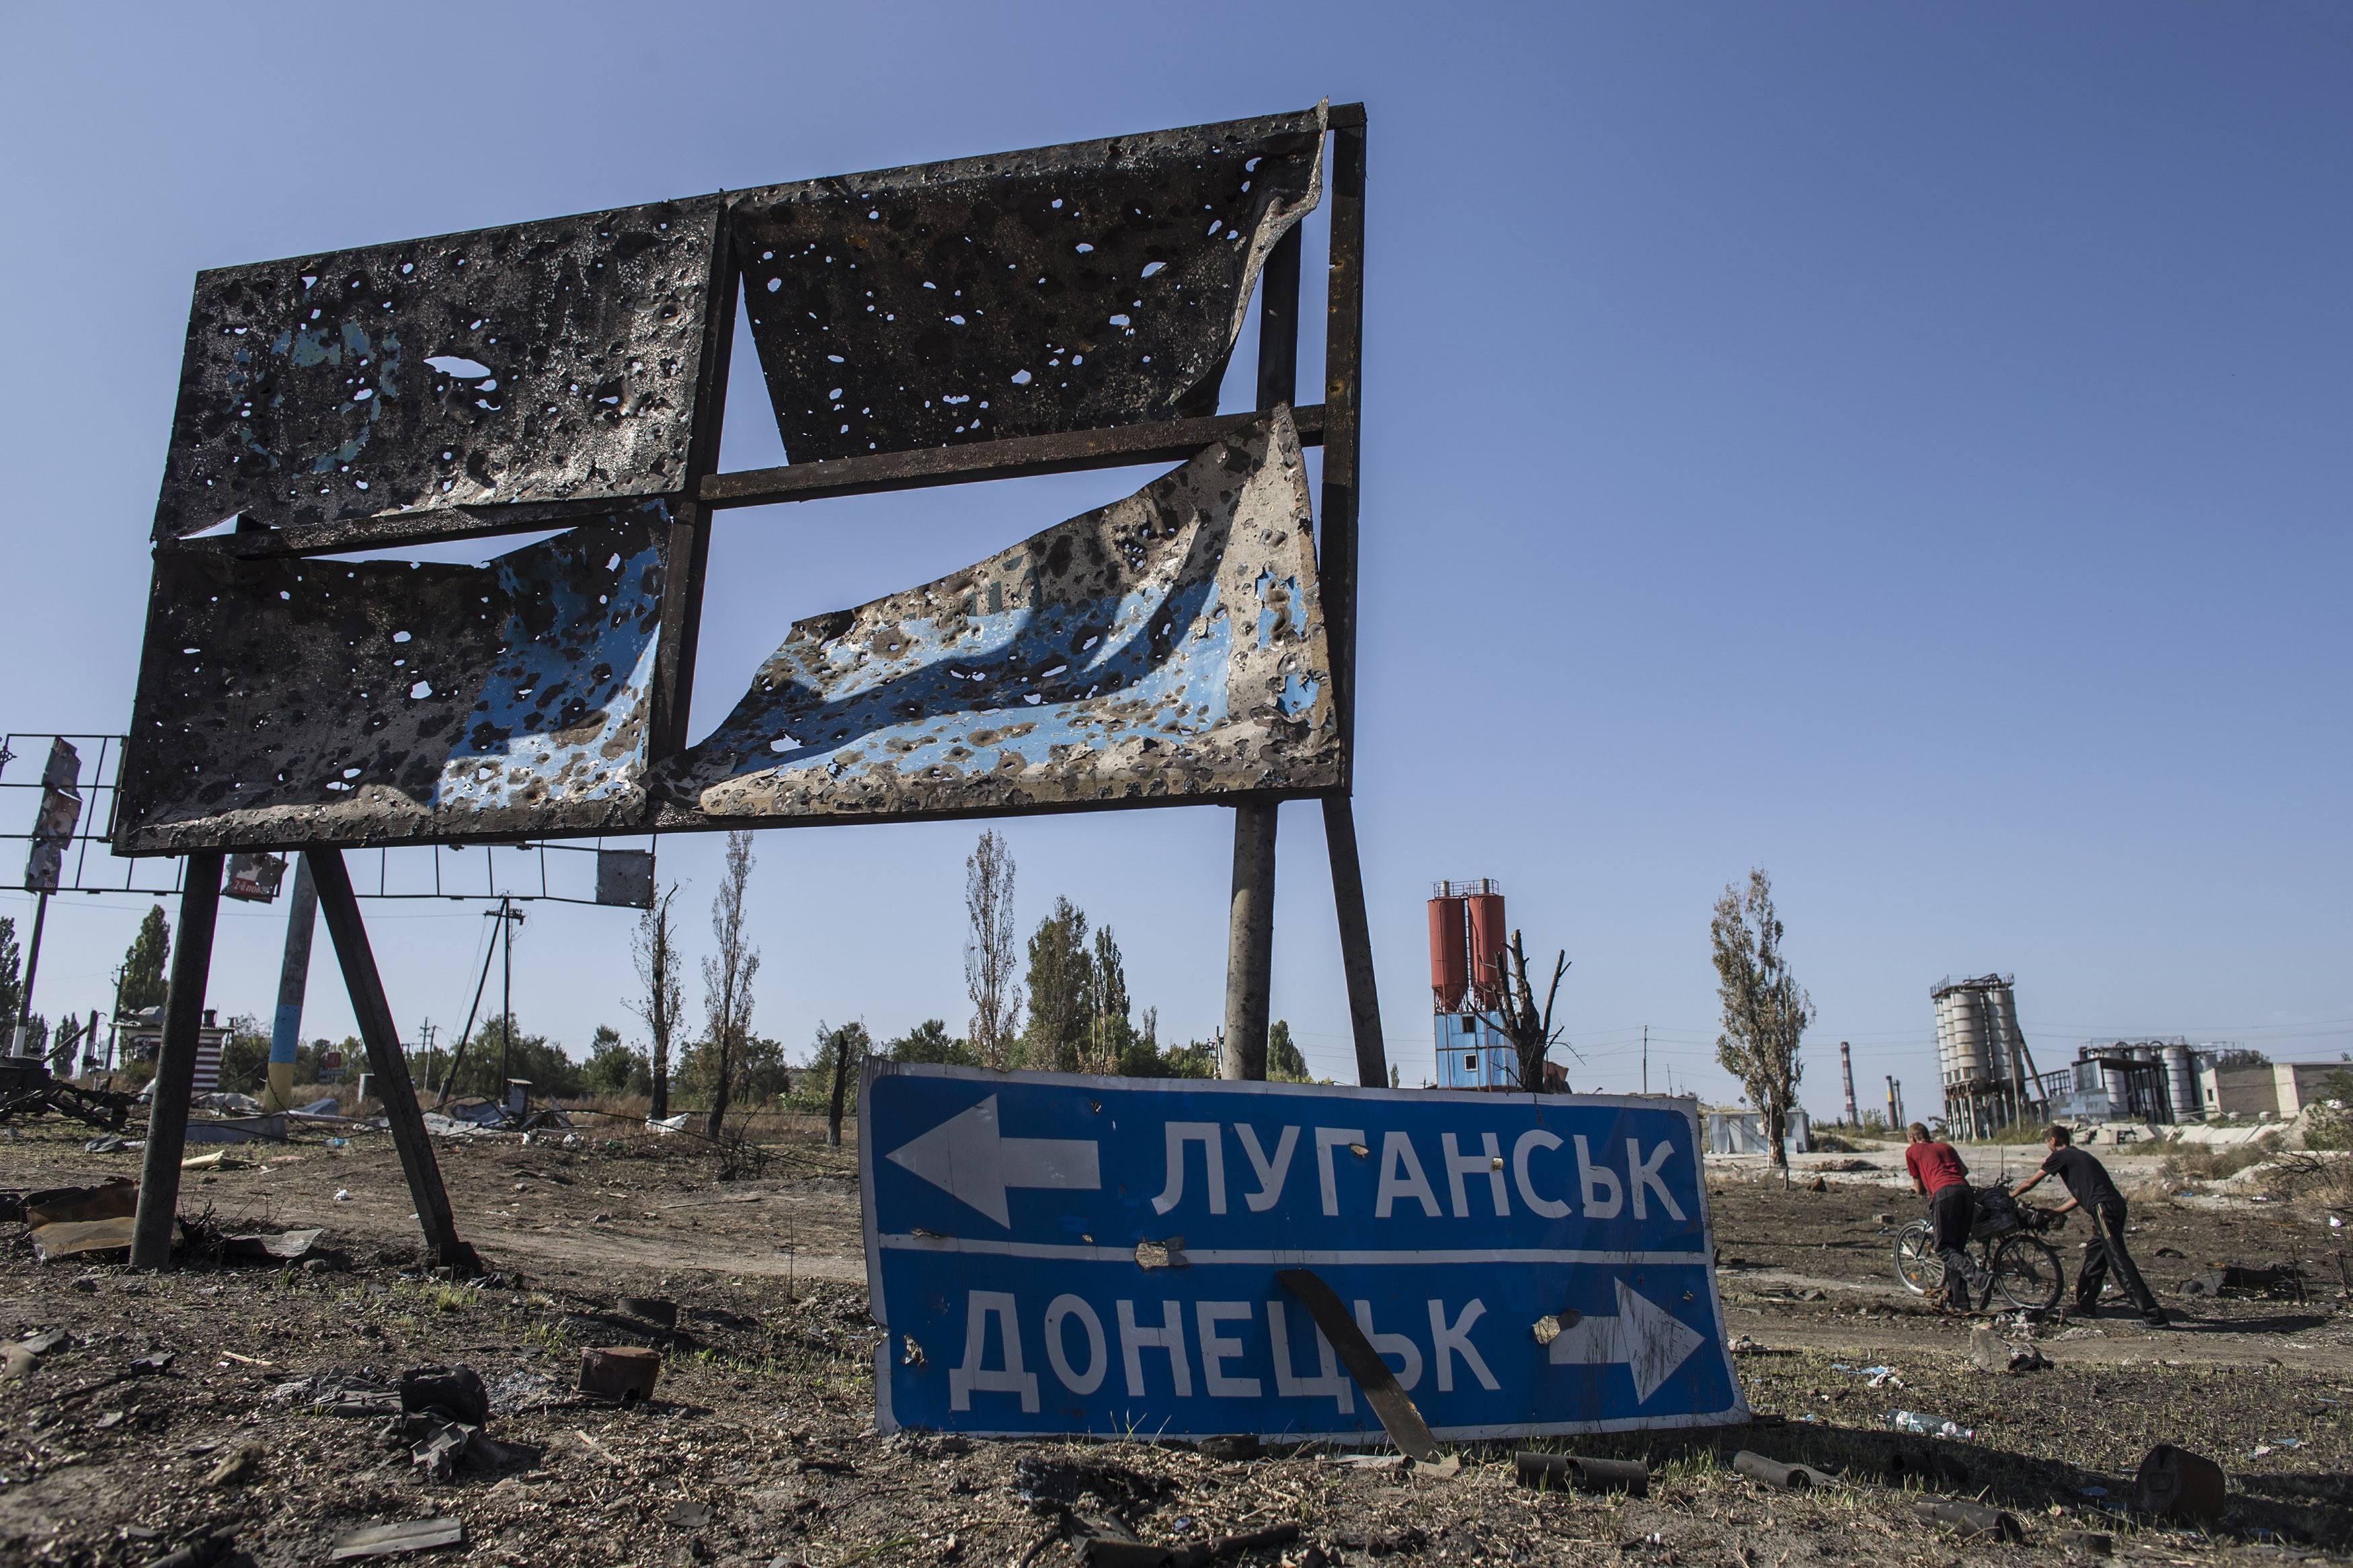 луганск, лнр, крым, аннексия, война на донбассе, россия, донбасс, новости украины